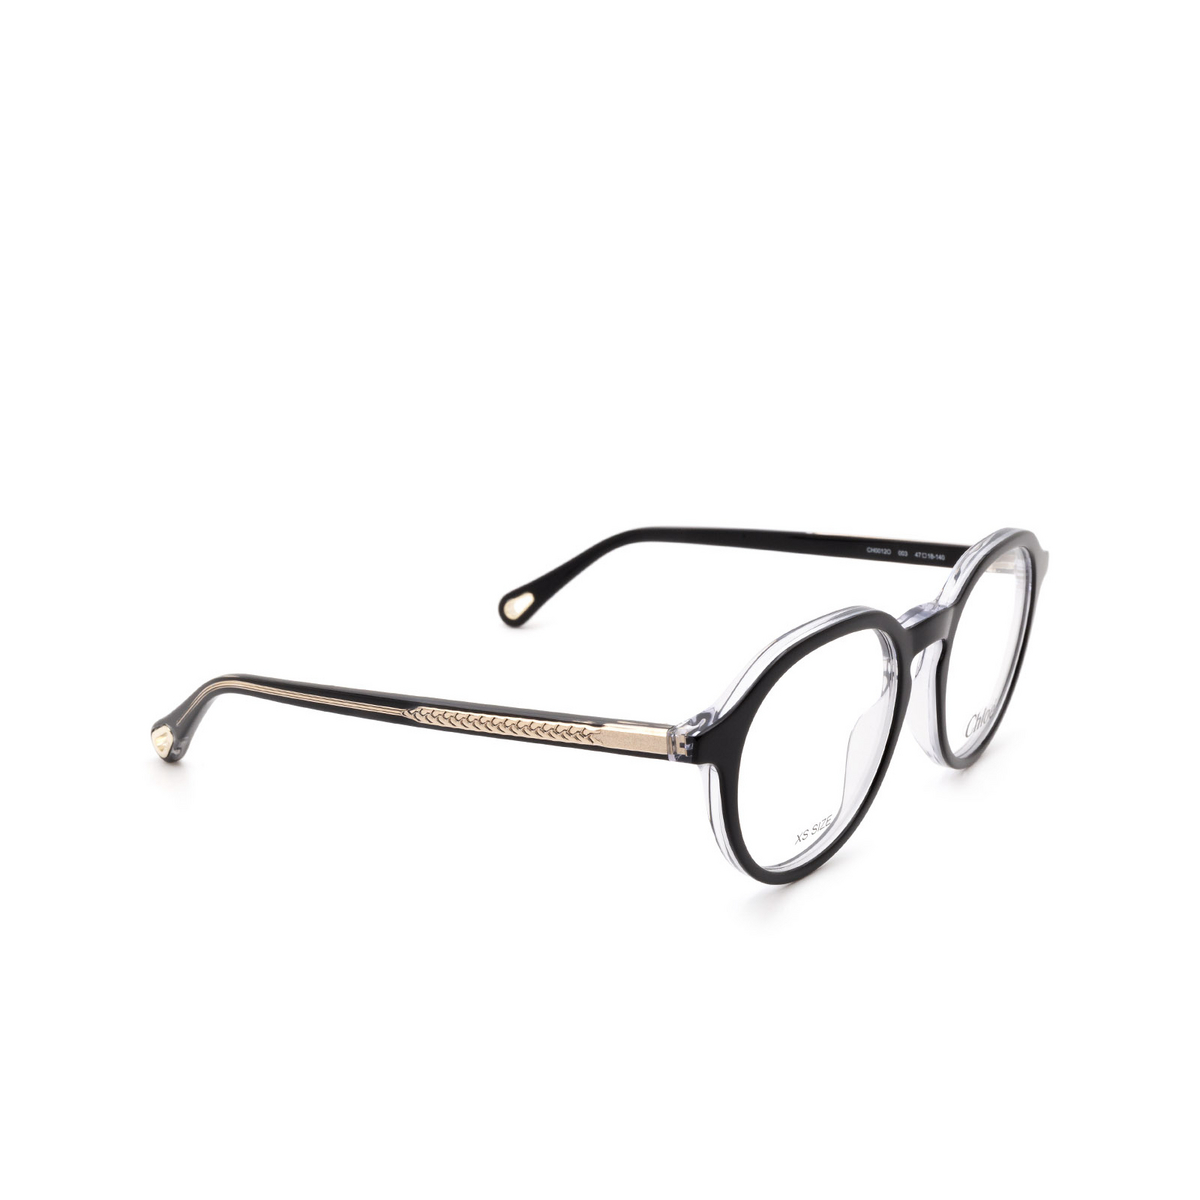 Chloé® Round Eyeglasses: CH0012O color Black 003 - three-quarters view.